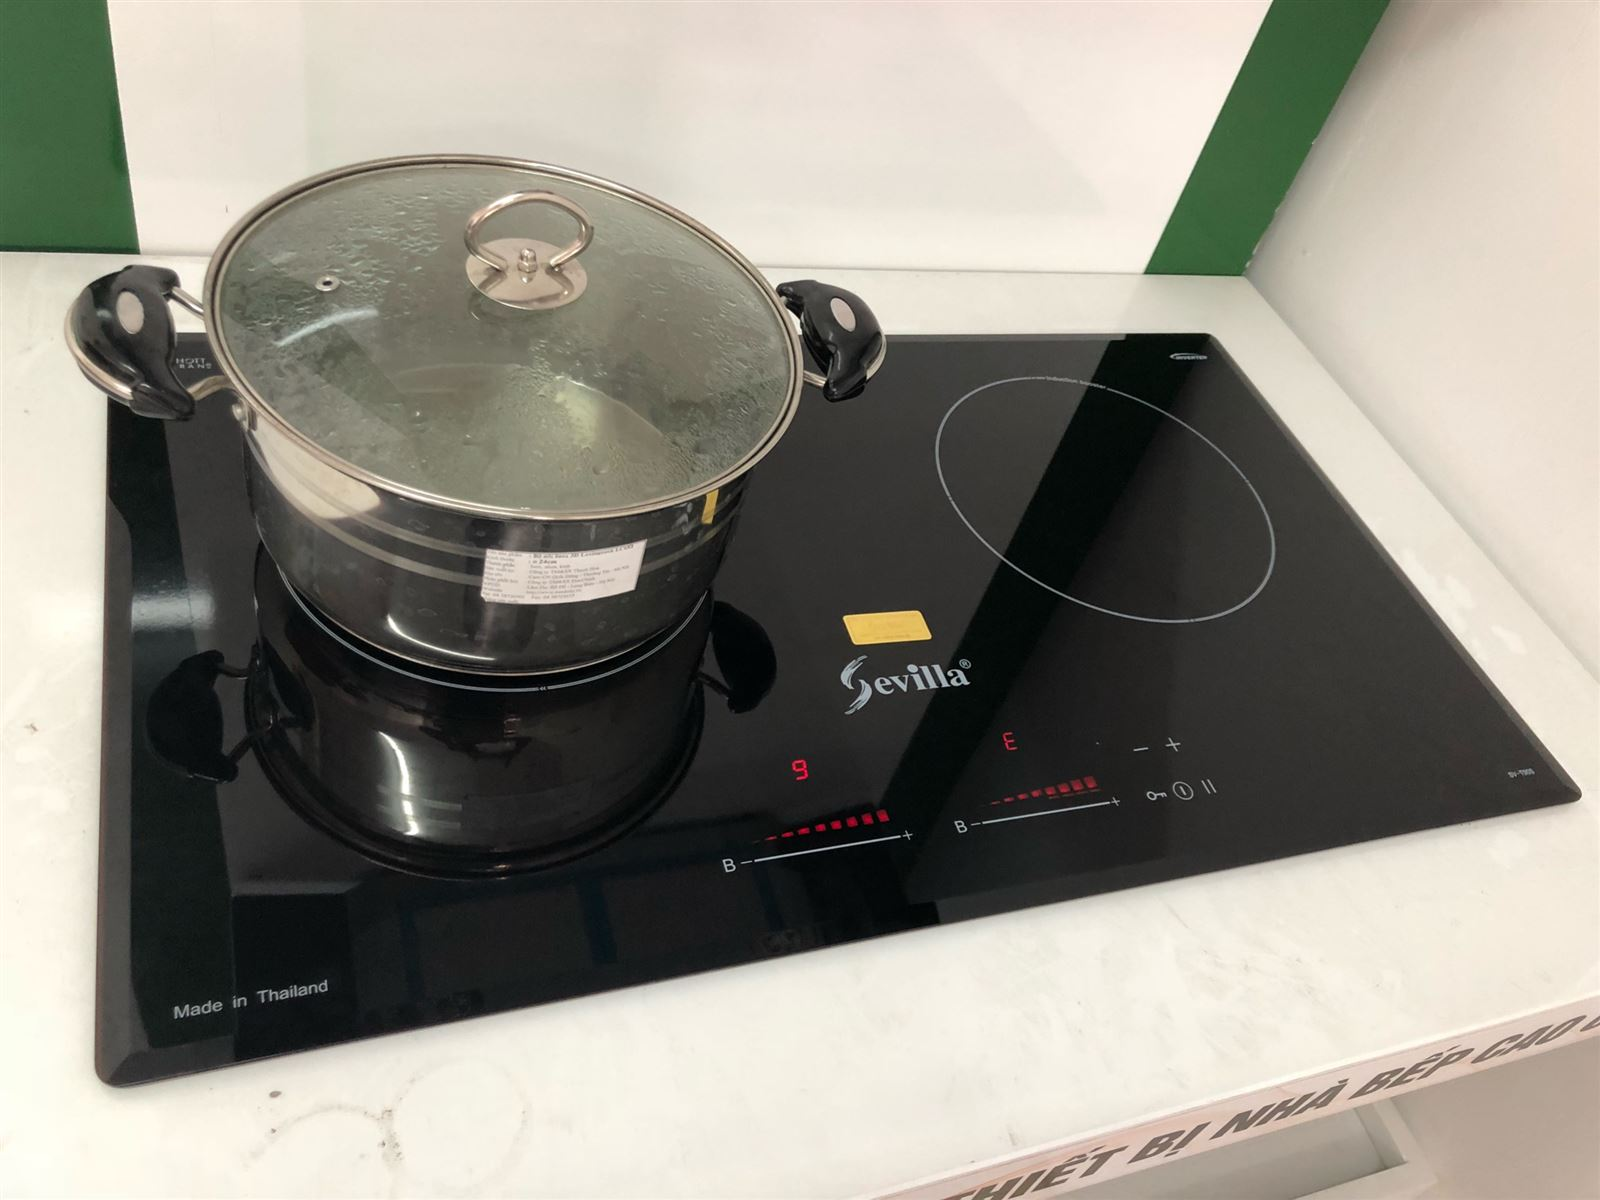 Nguồn gốc của bếp từ nhập khẩu Sevilla SV –T75S